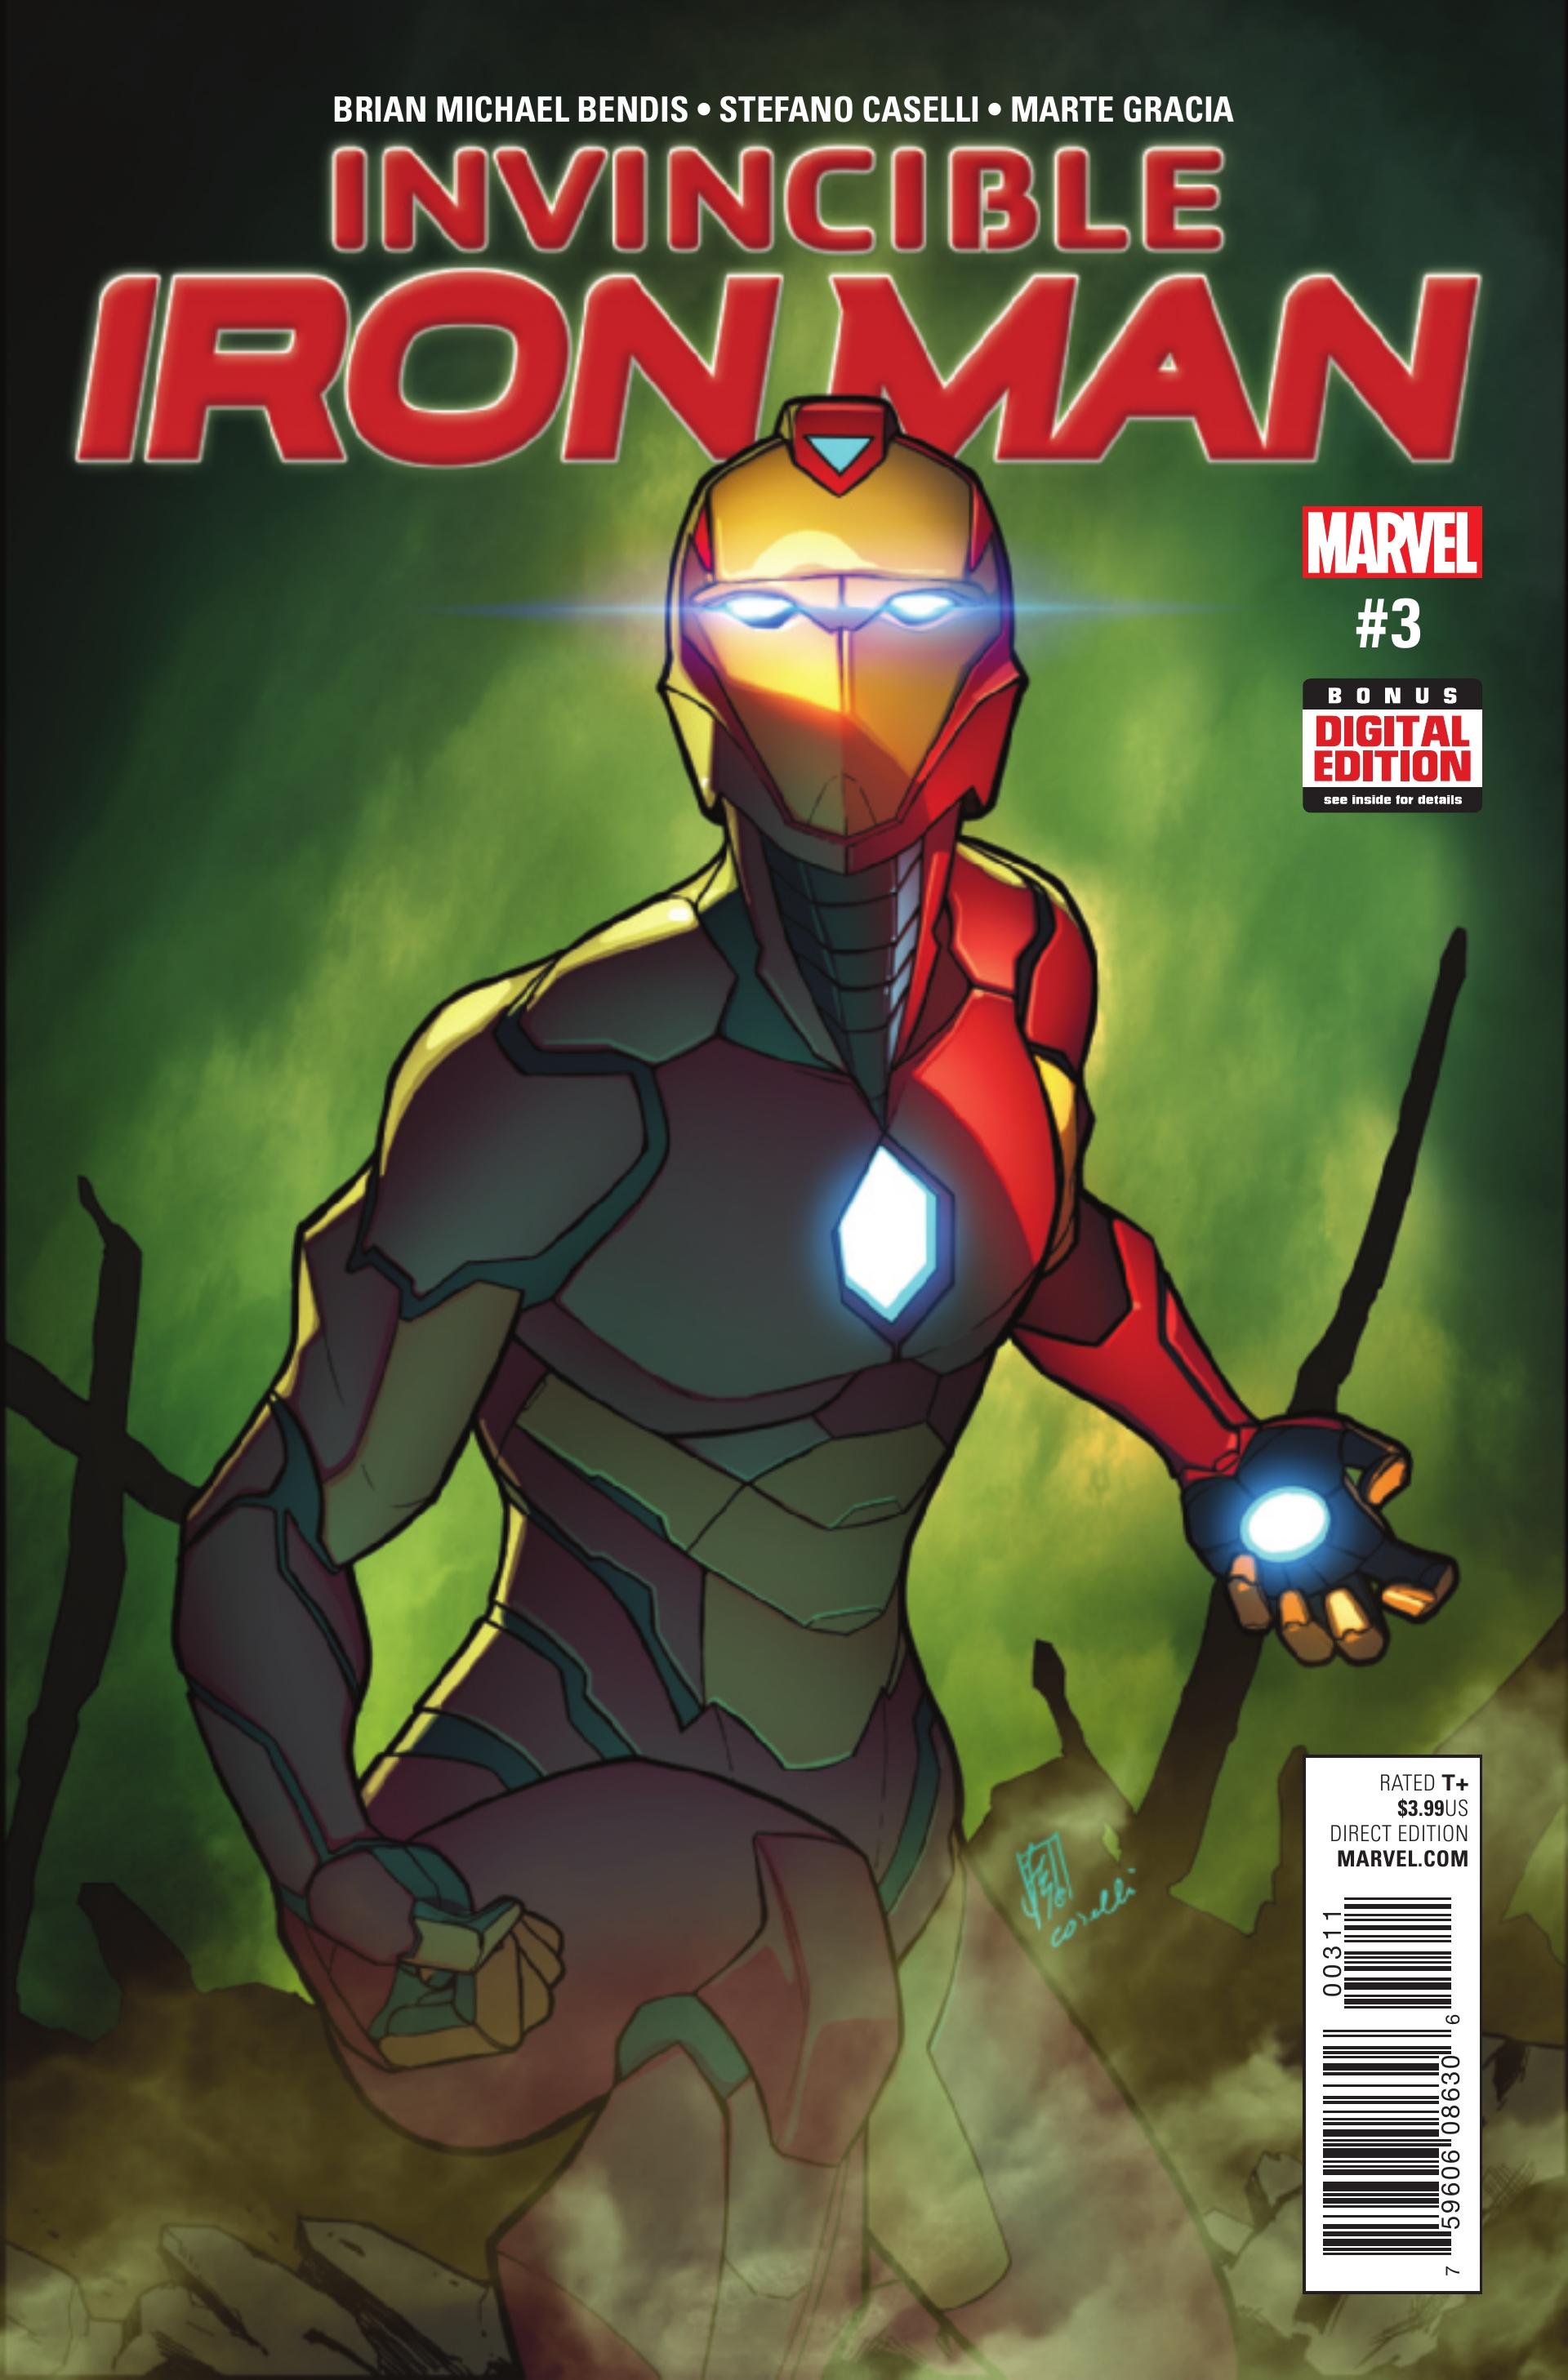 Preview: Invincible Iron Man #3